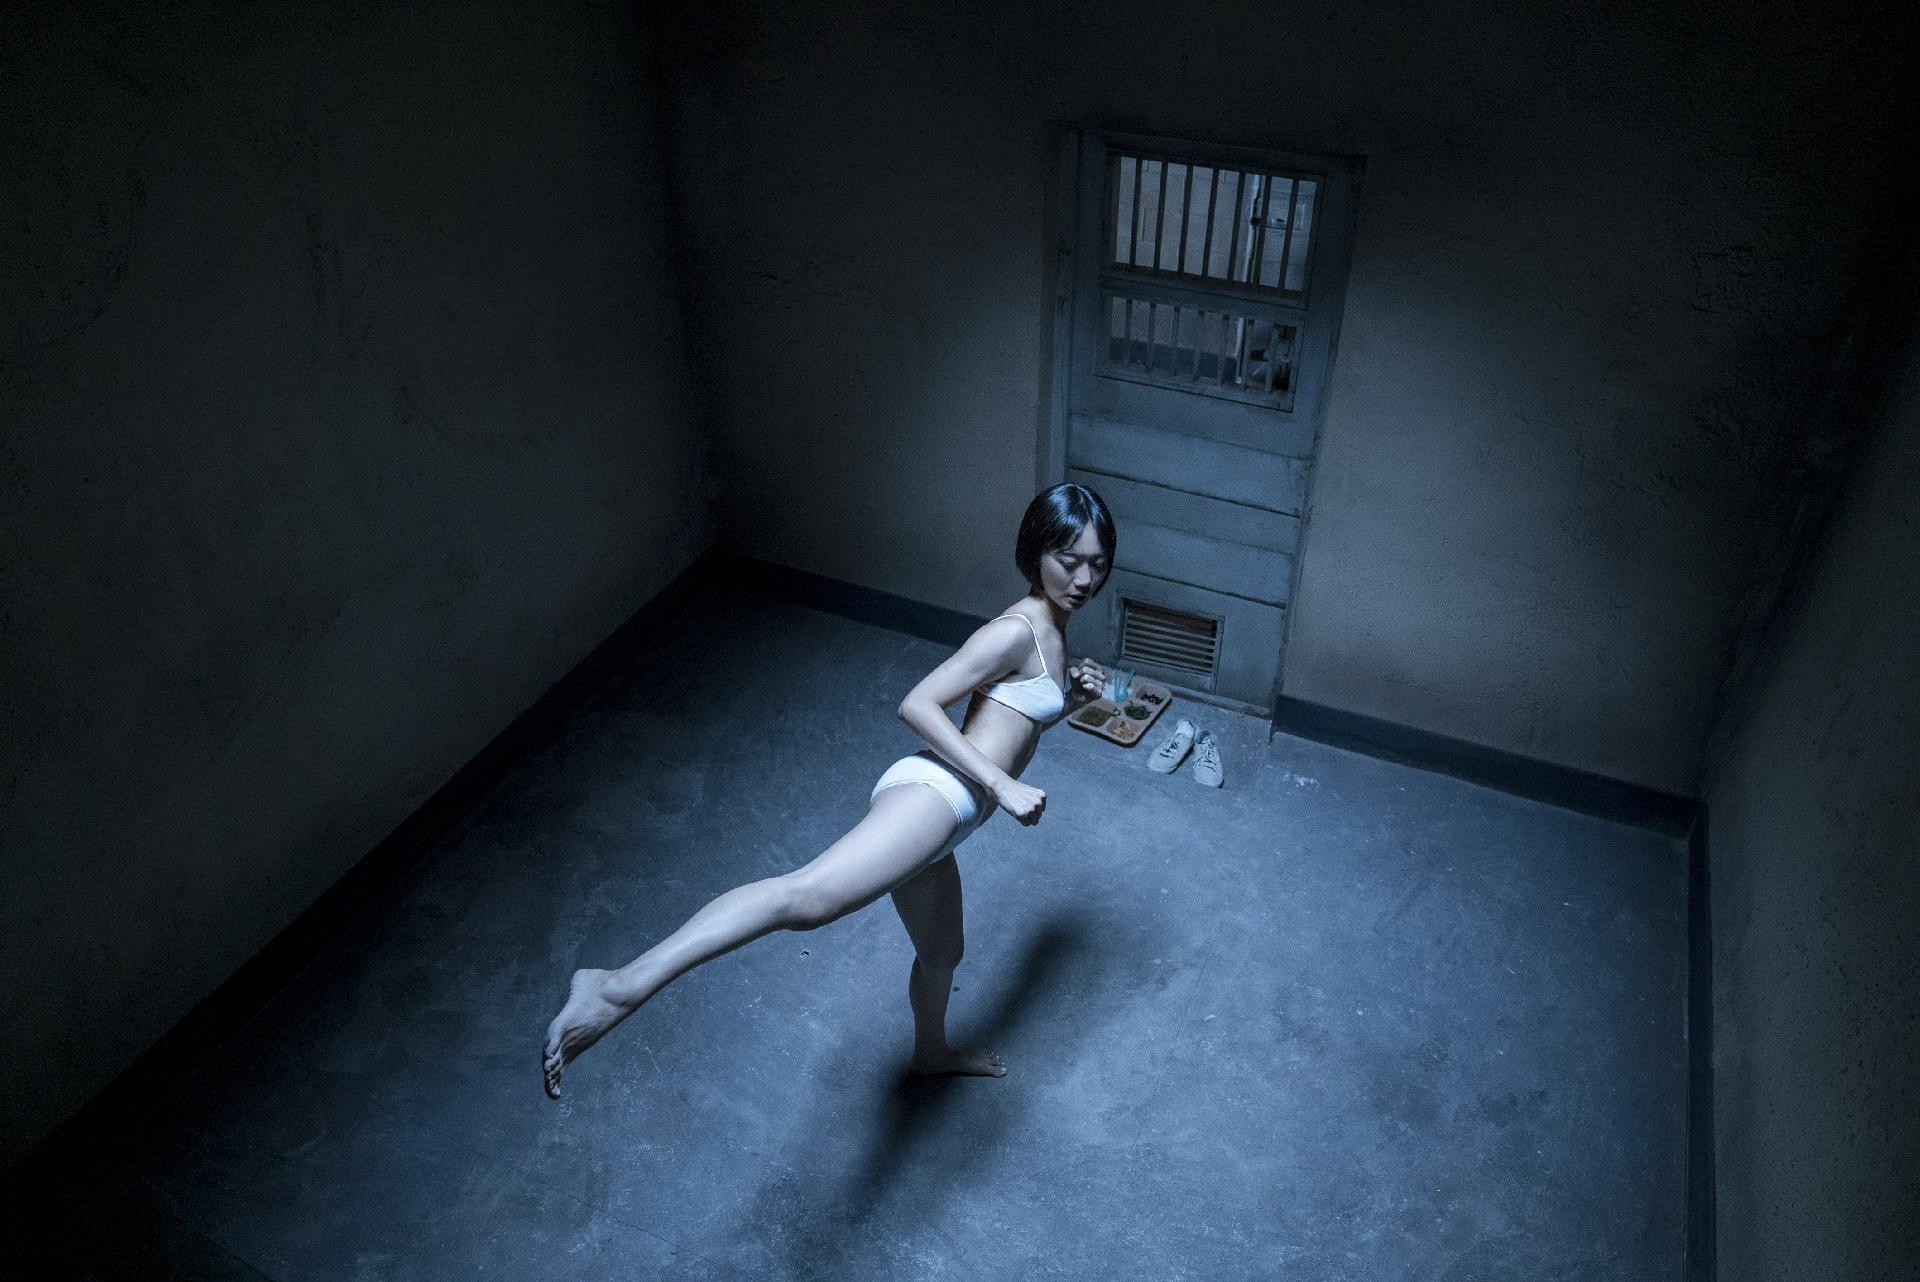 Sense8: l'attrice Doona Bae in una foto della seconda stagione